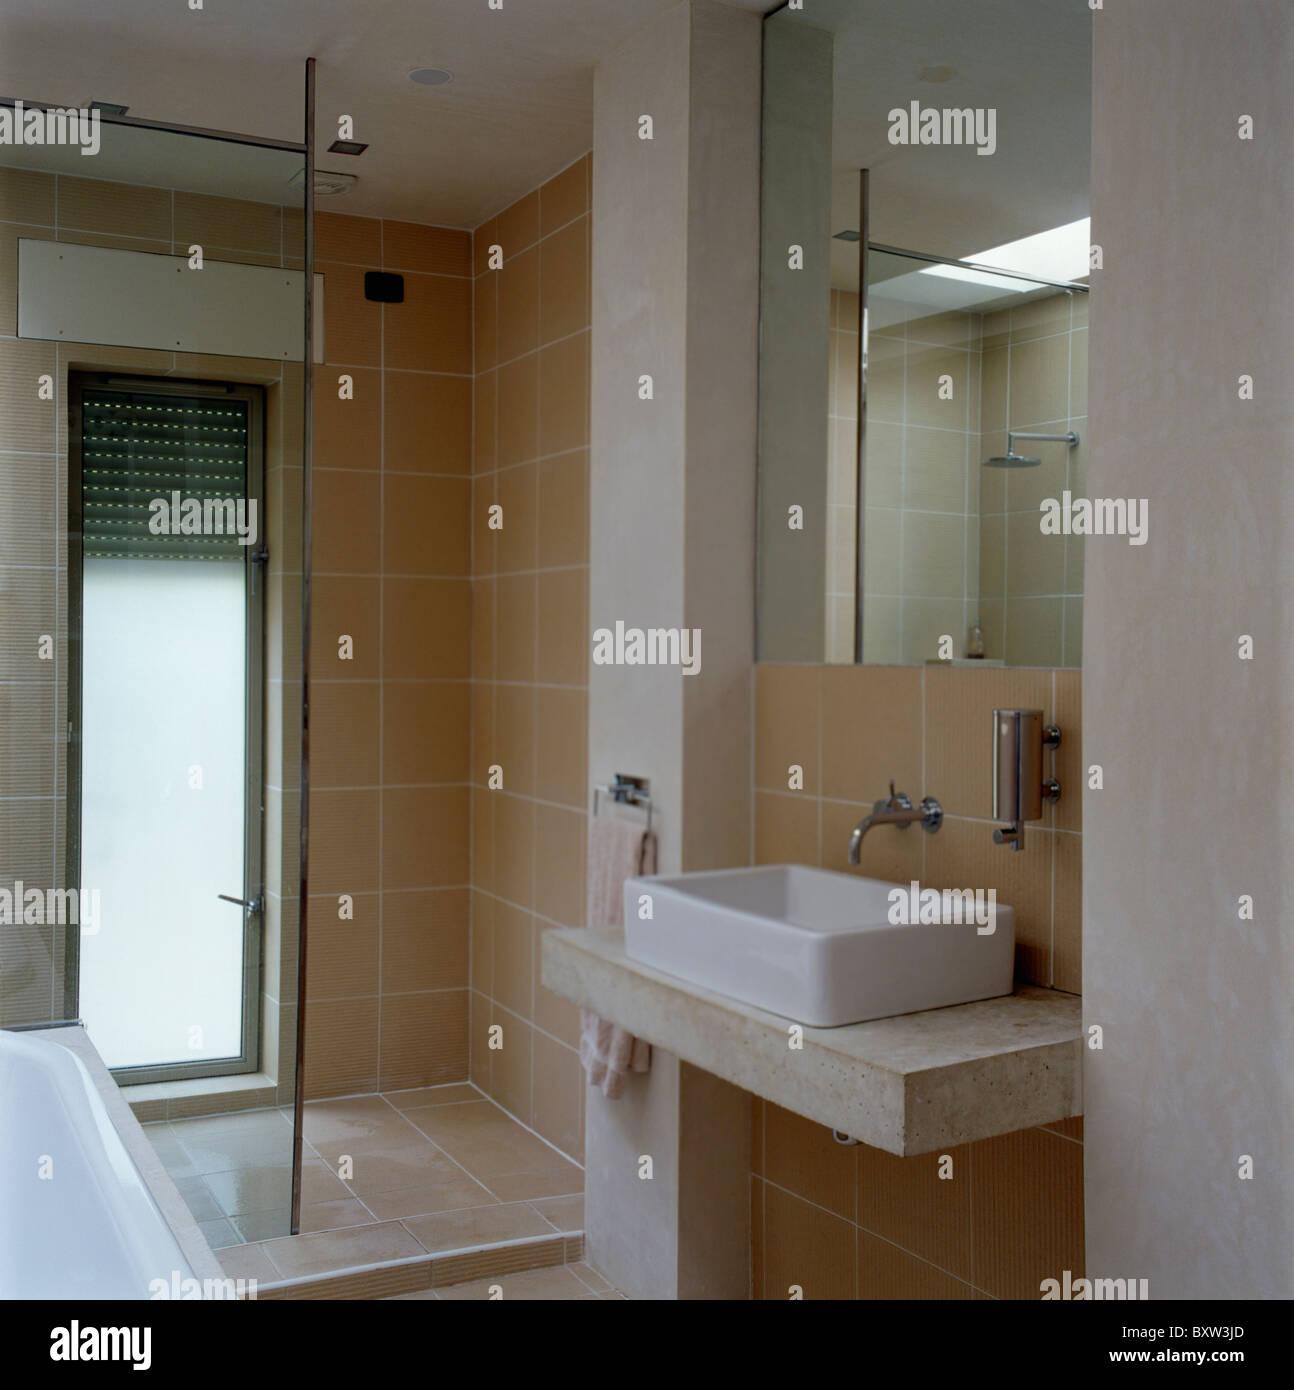 Spiegel über Dem Rechteckigen Becken Auf Polierten Beton Waschtisch In  Modern Gefliestes Badezimmer Mit Begehbarer Dusche